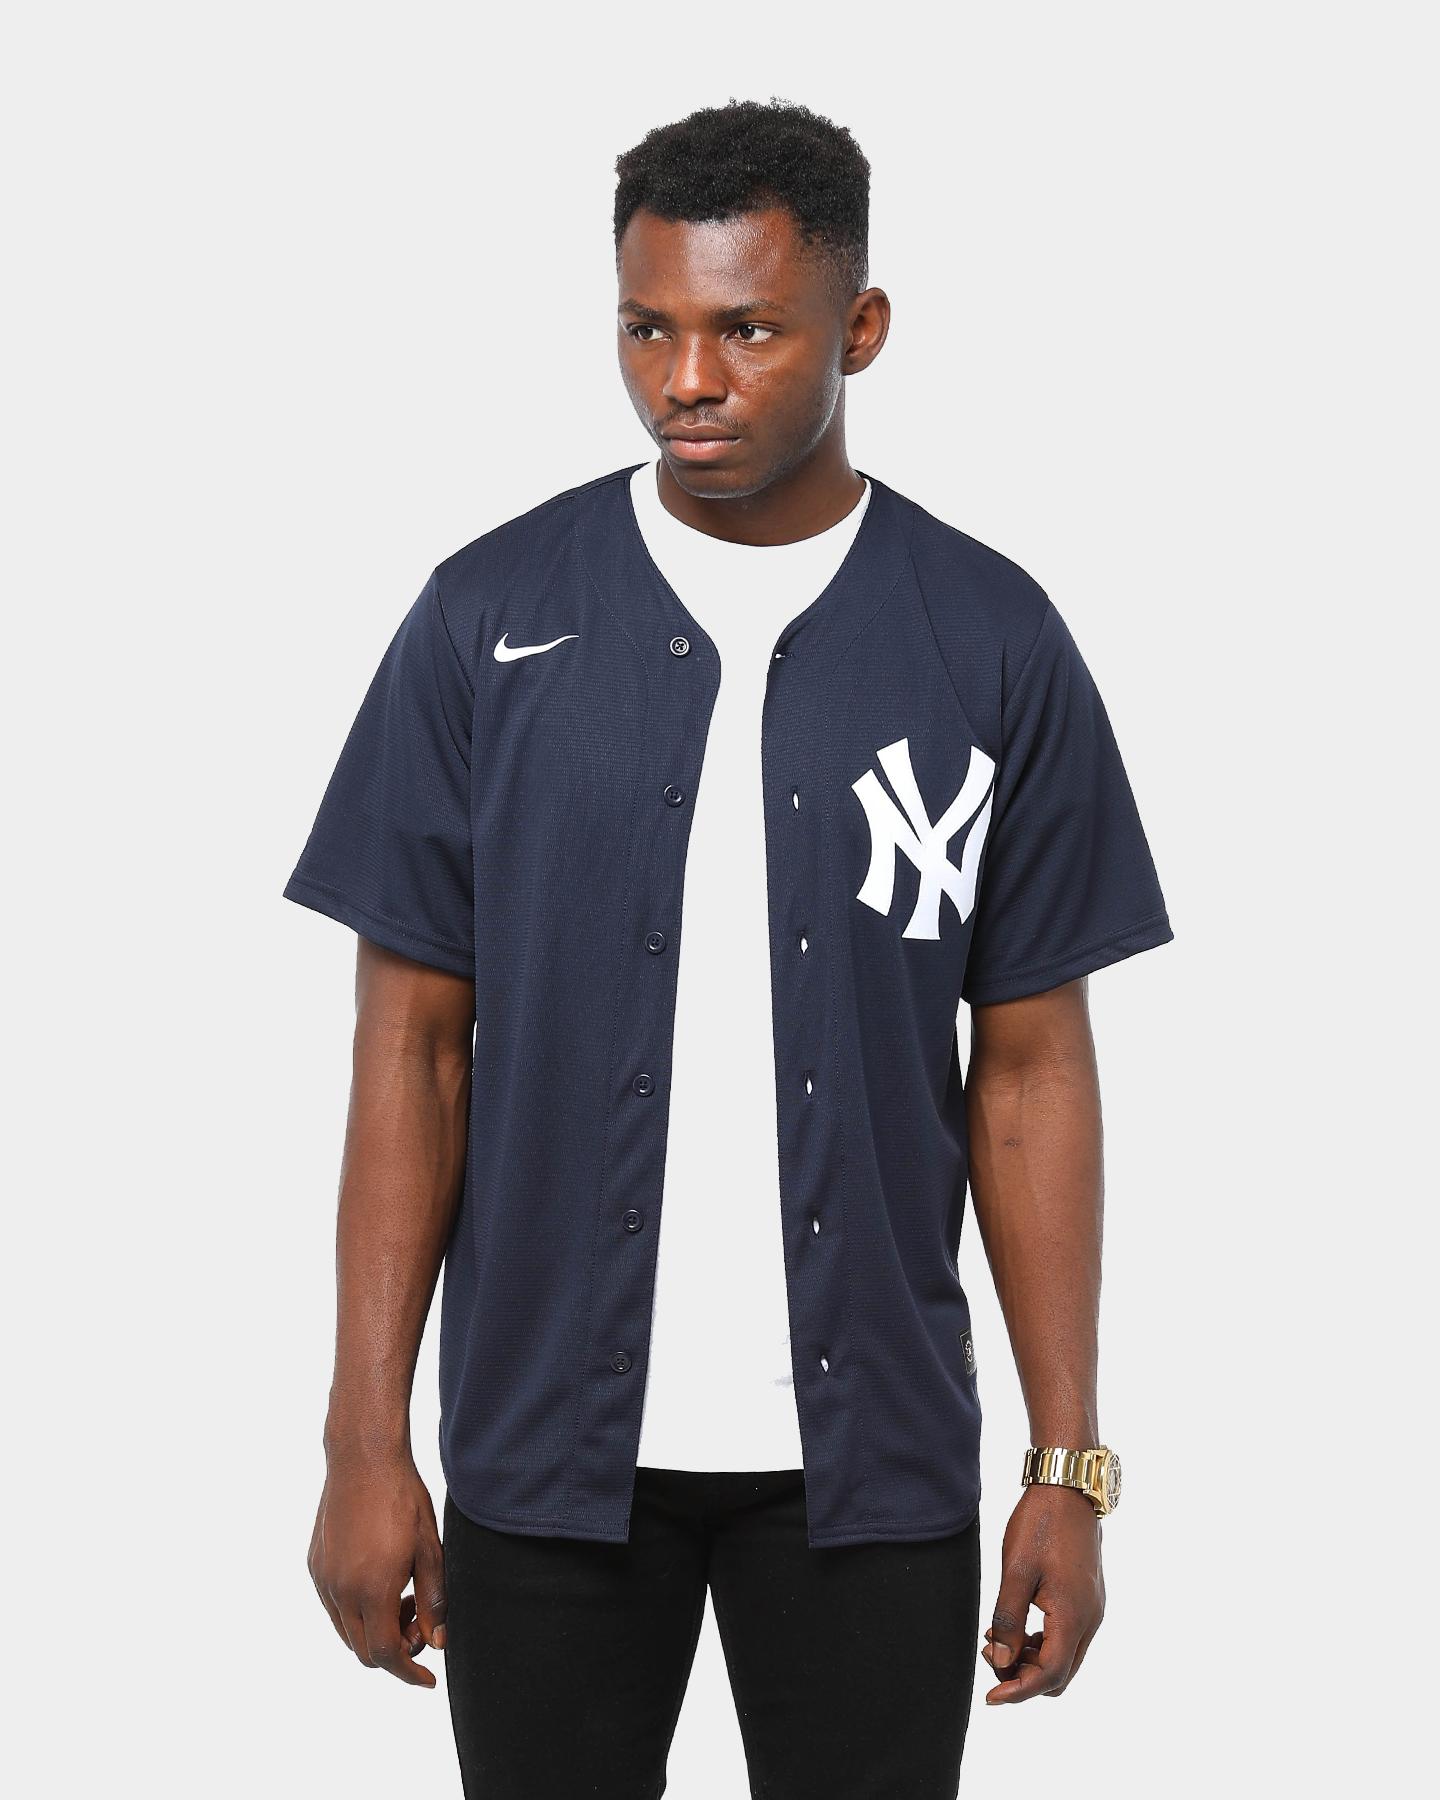 Nike Men's MLB New York Yankees Replica